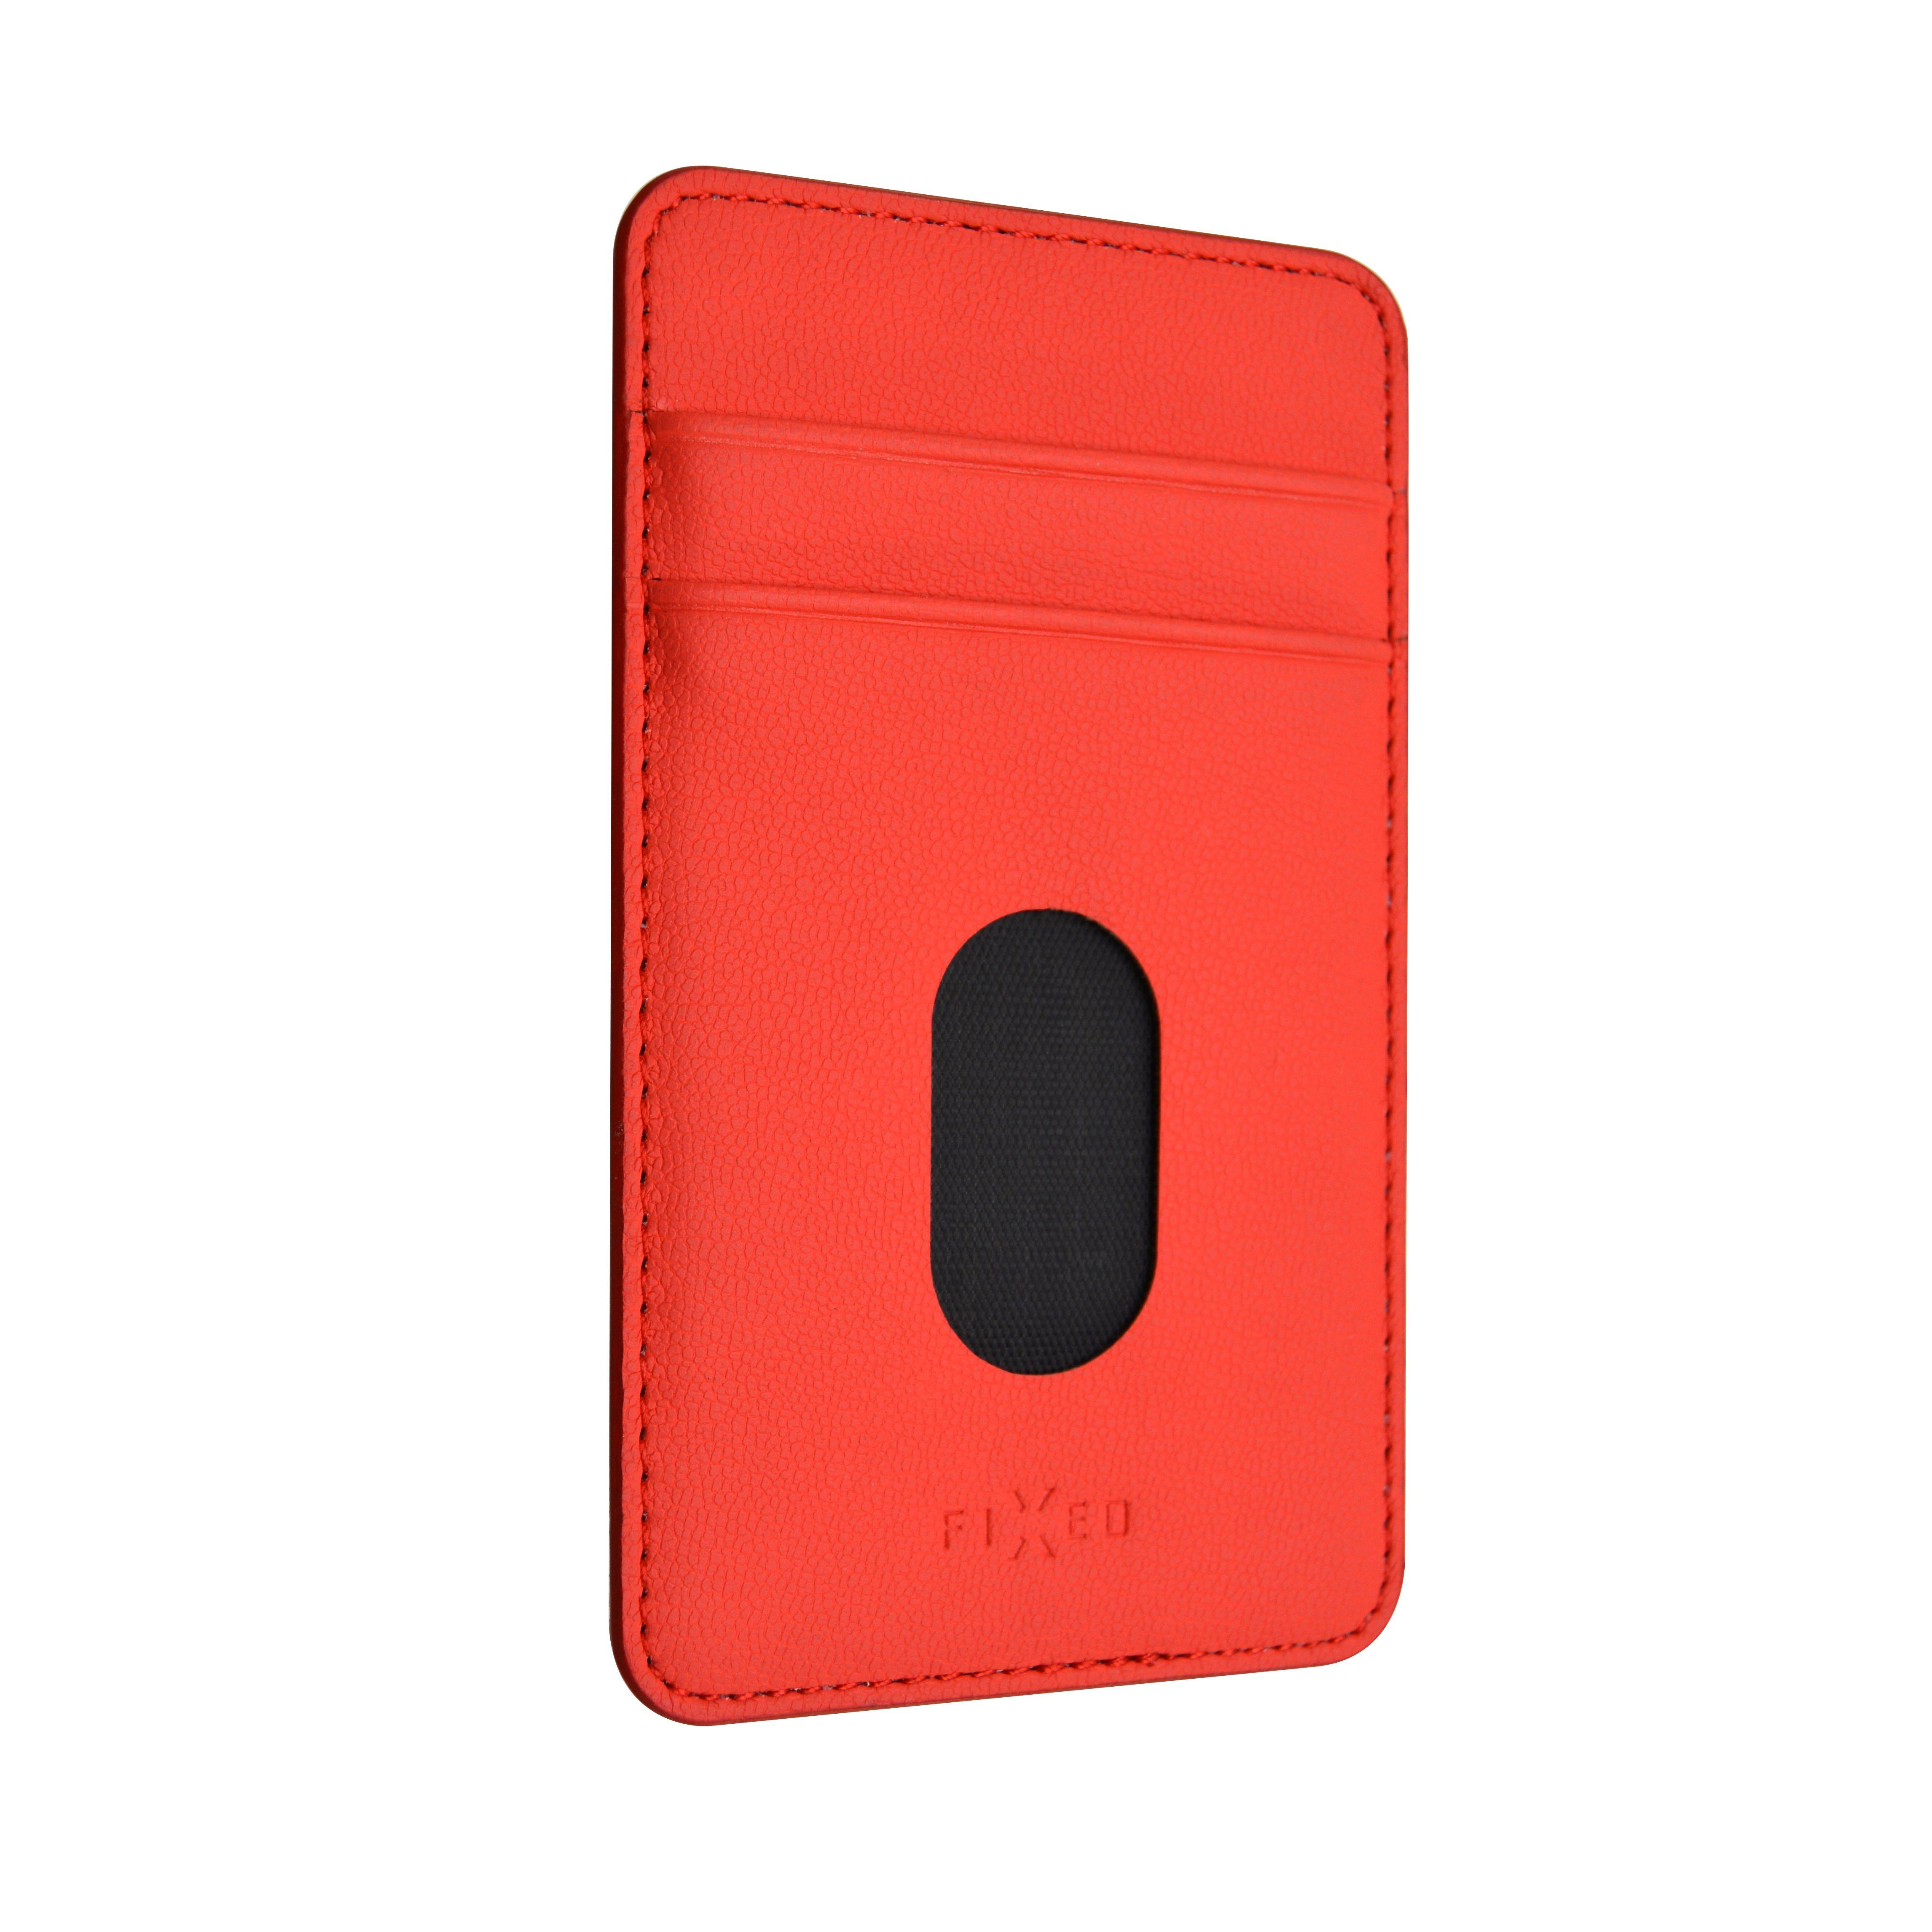 Nalepovací kapsa FIXED Caddy pro 2 kreditní karty, PU kůže, červená